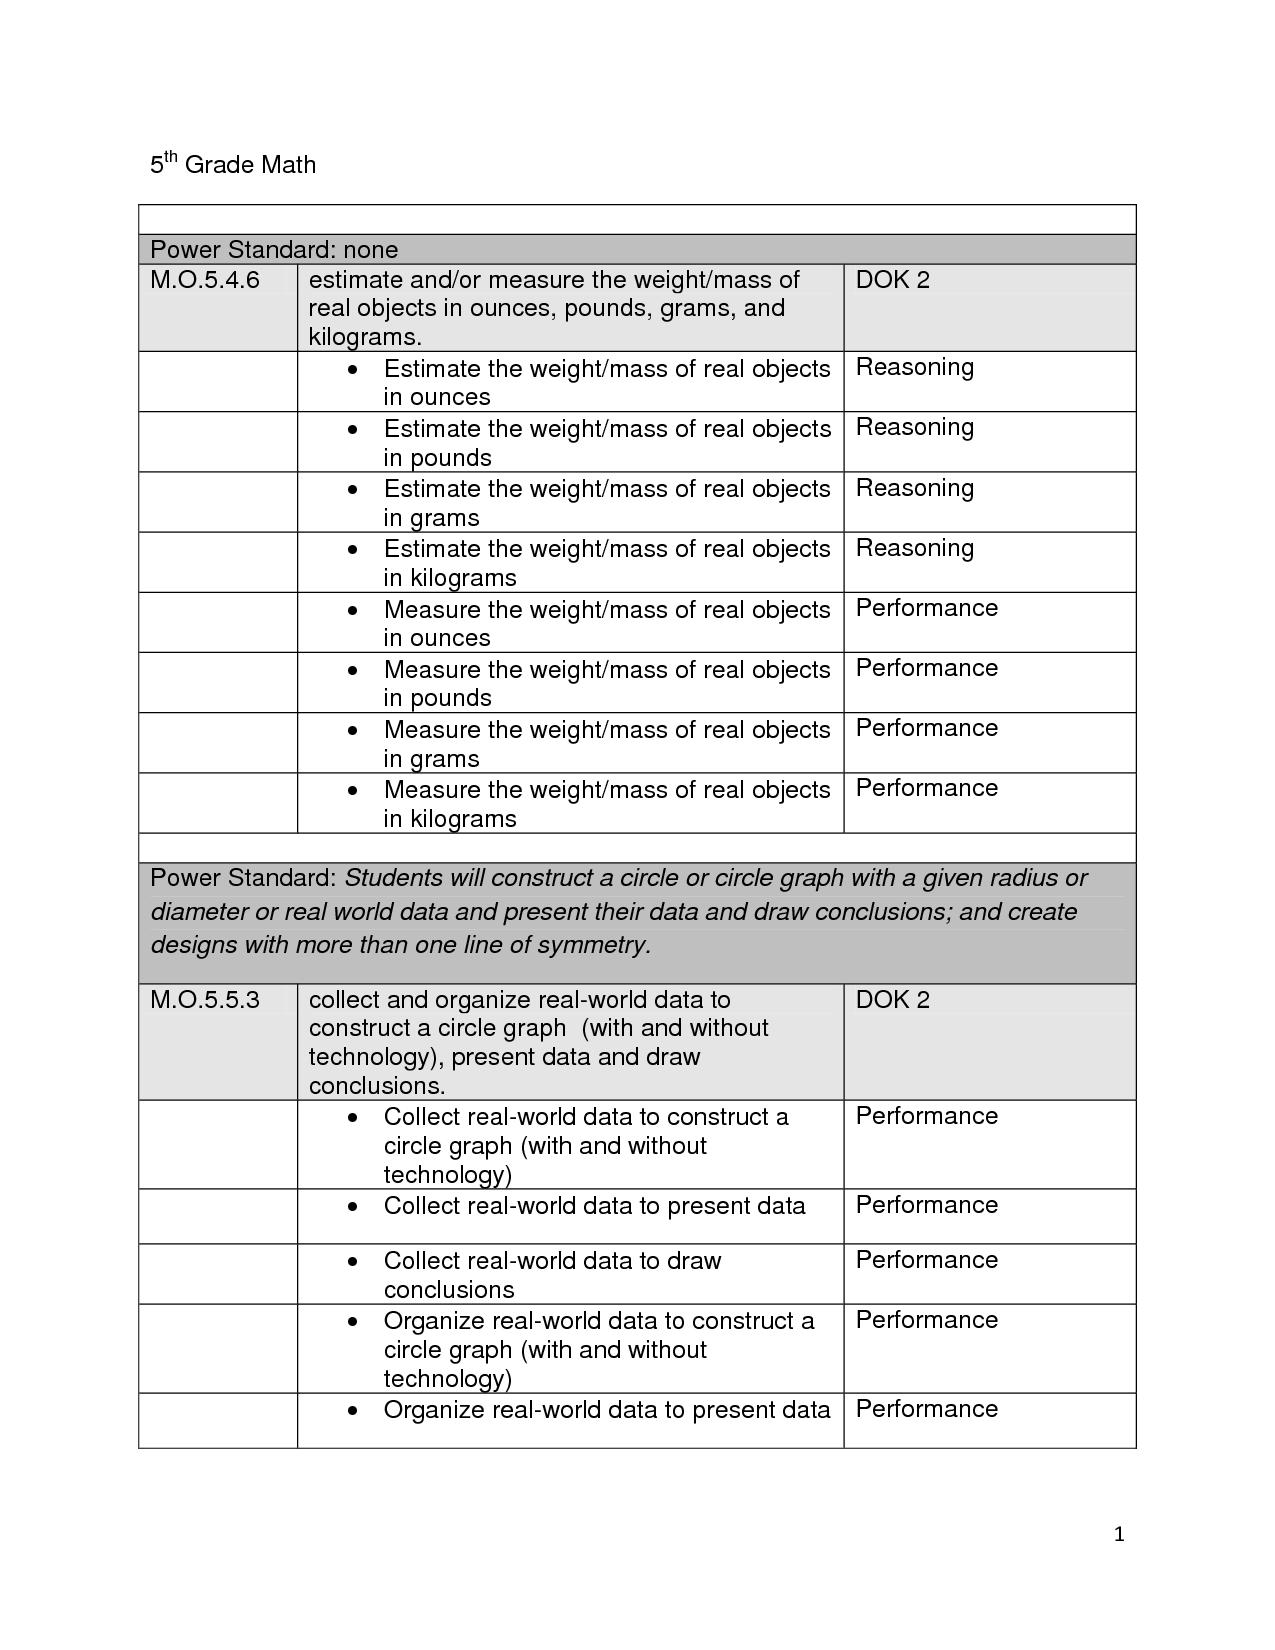 Storjcoin Chart 5th Grade